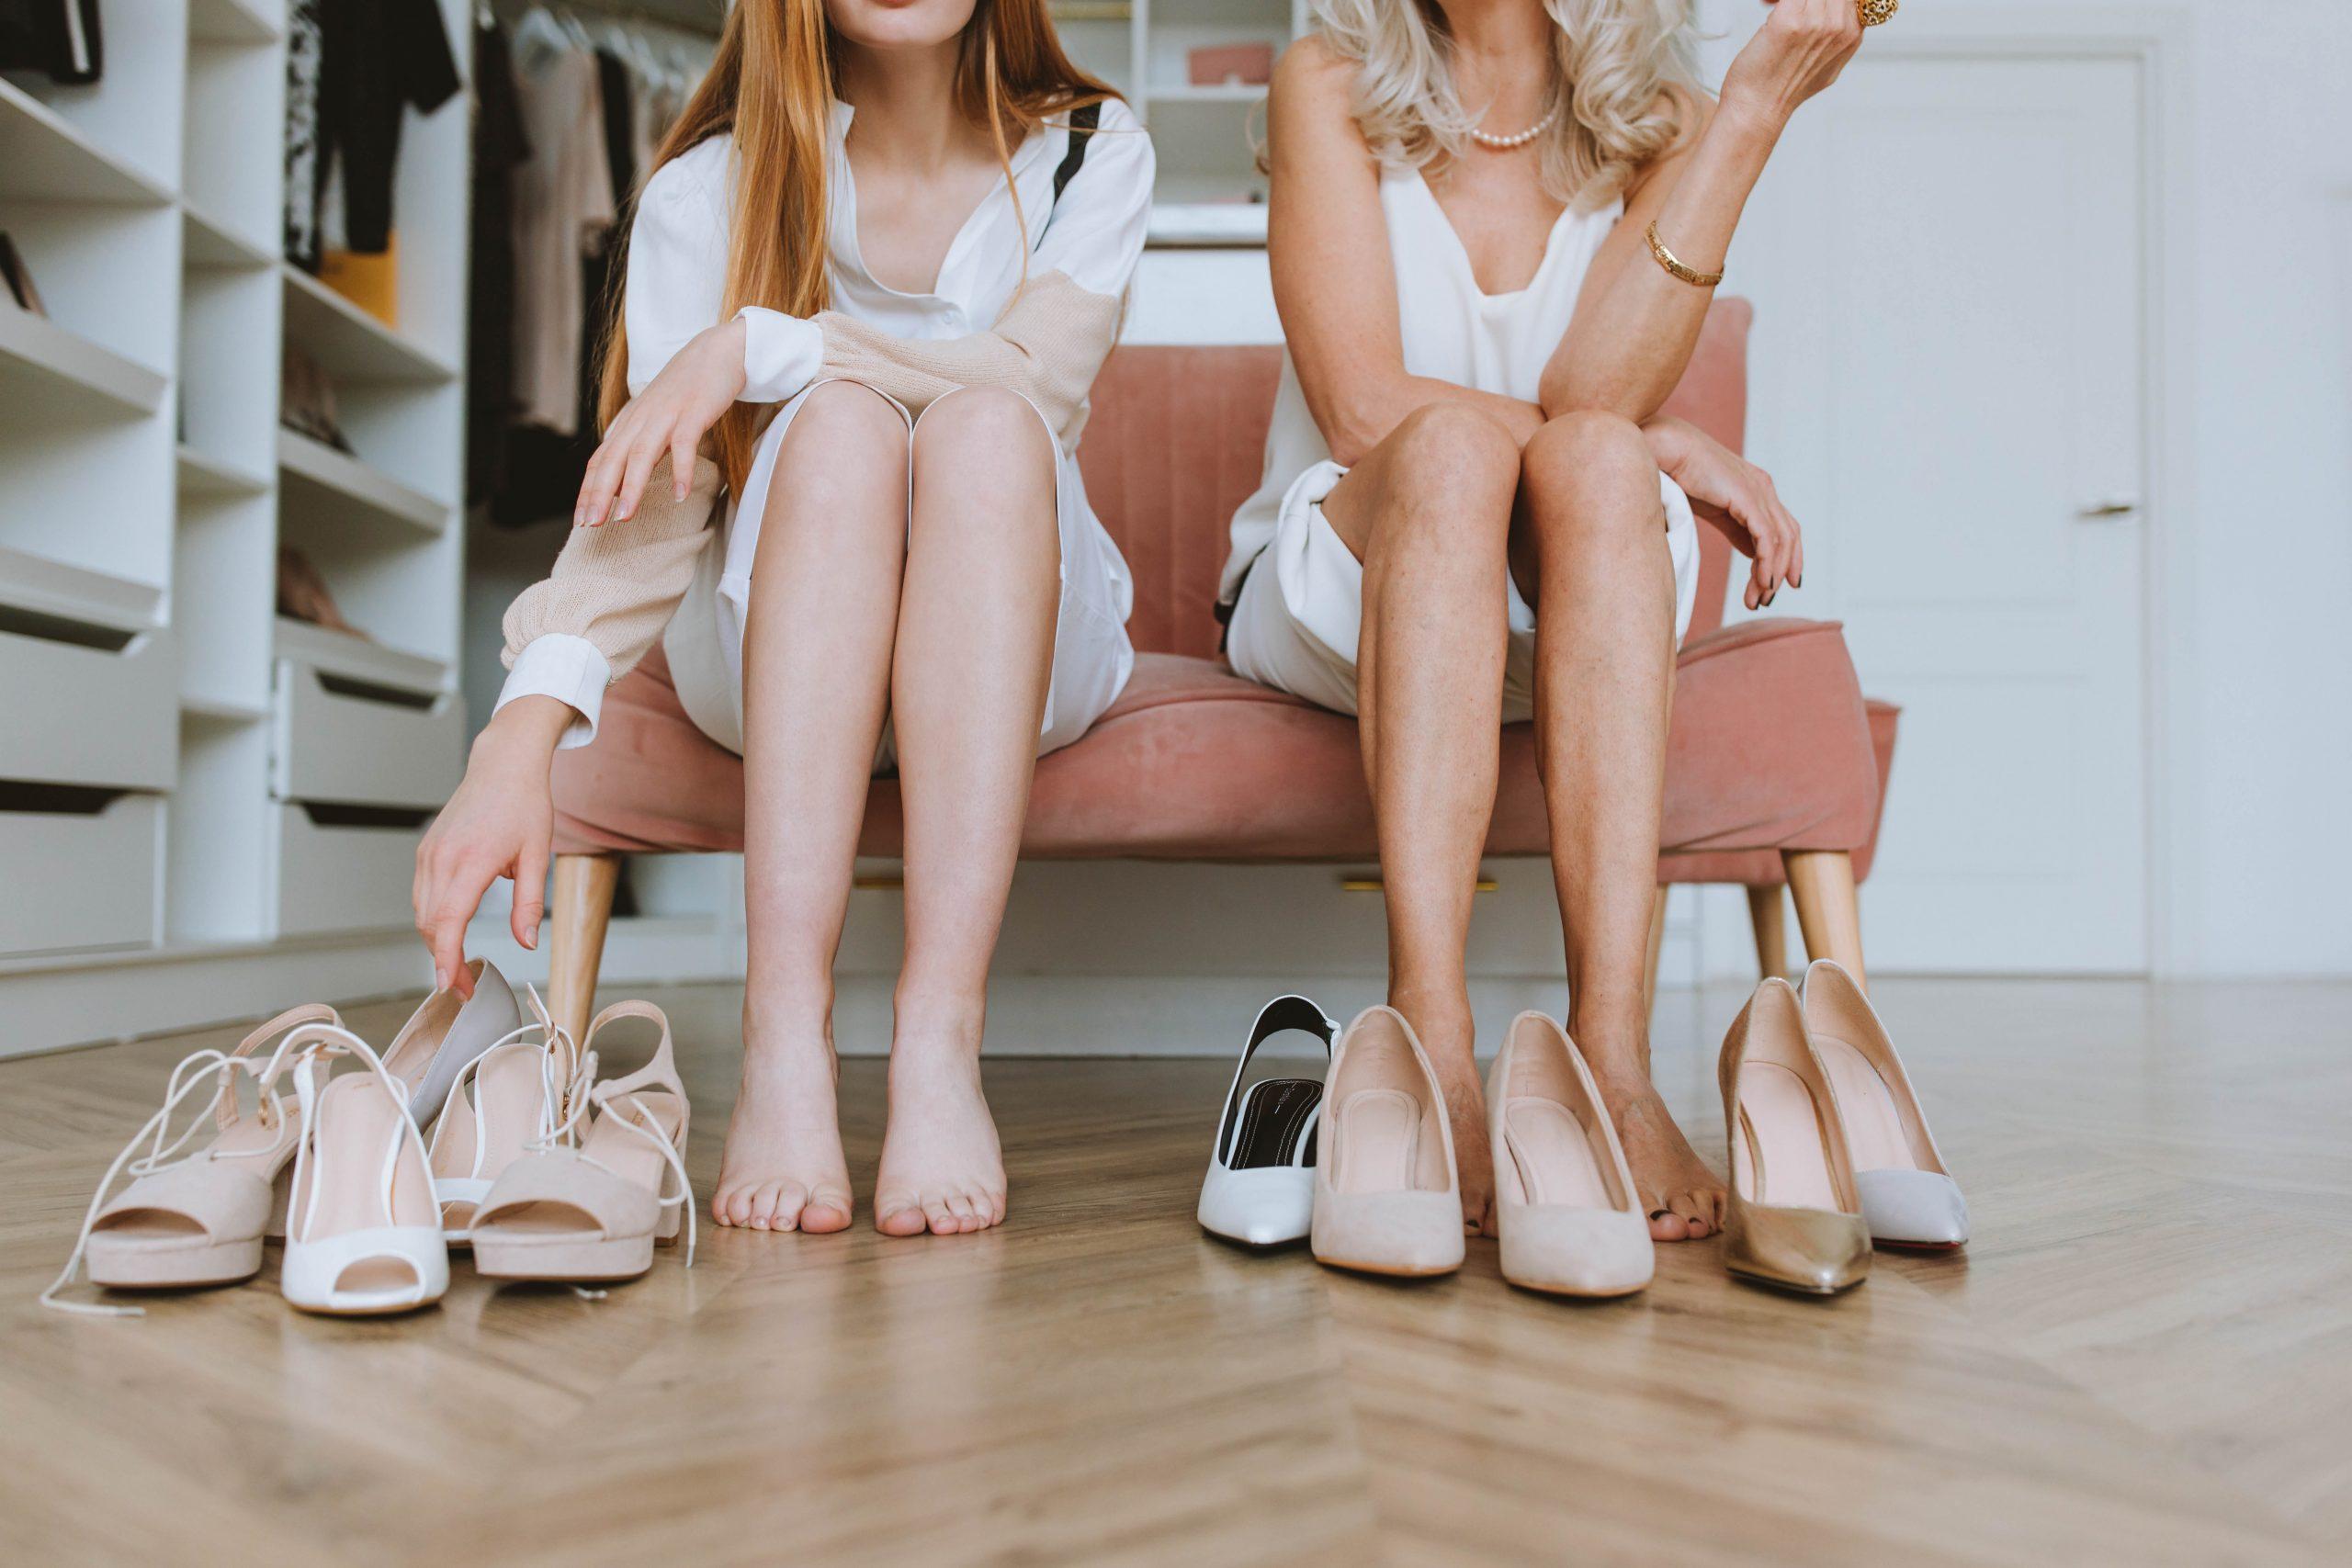 Chicas descalzas